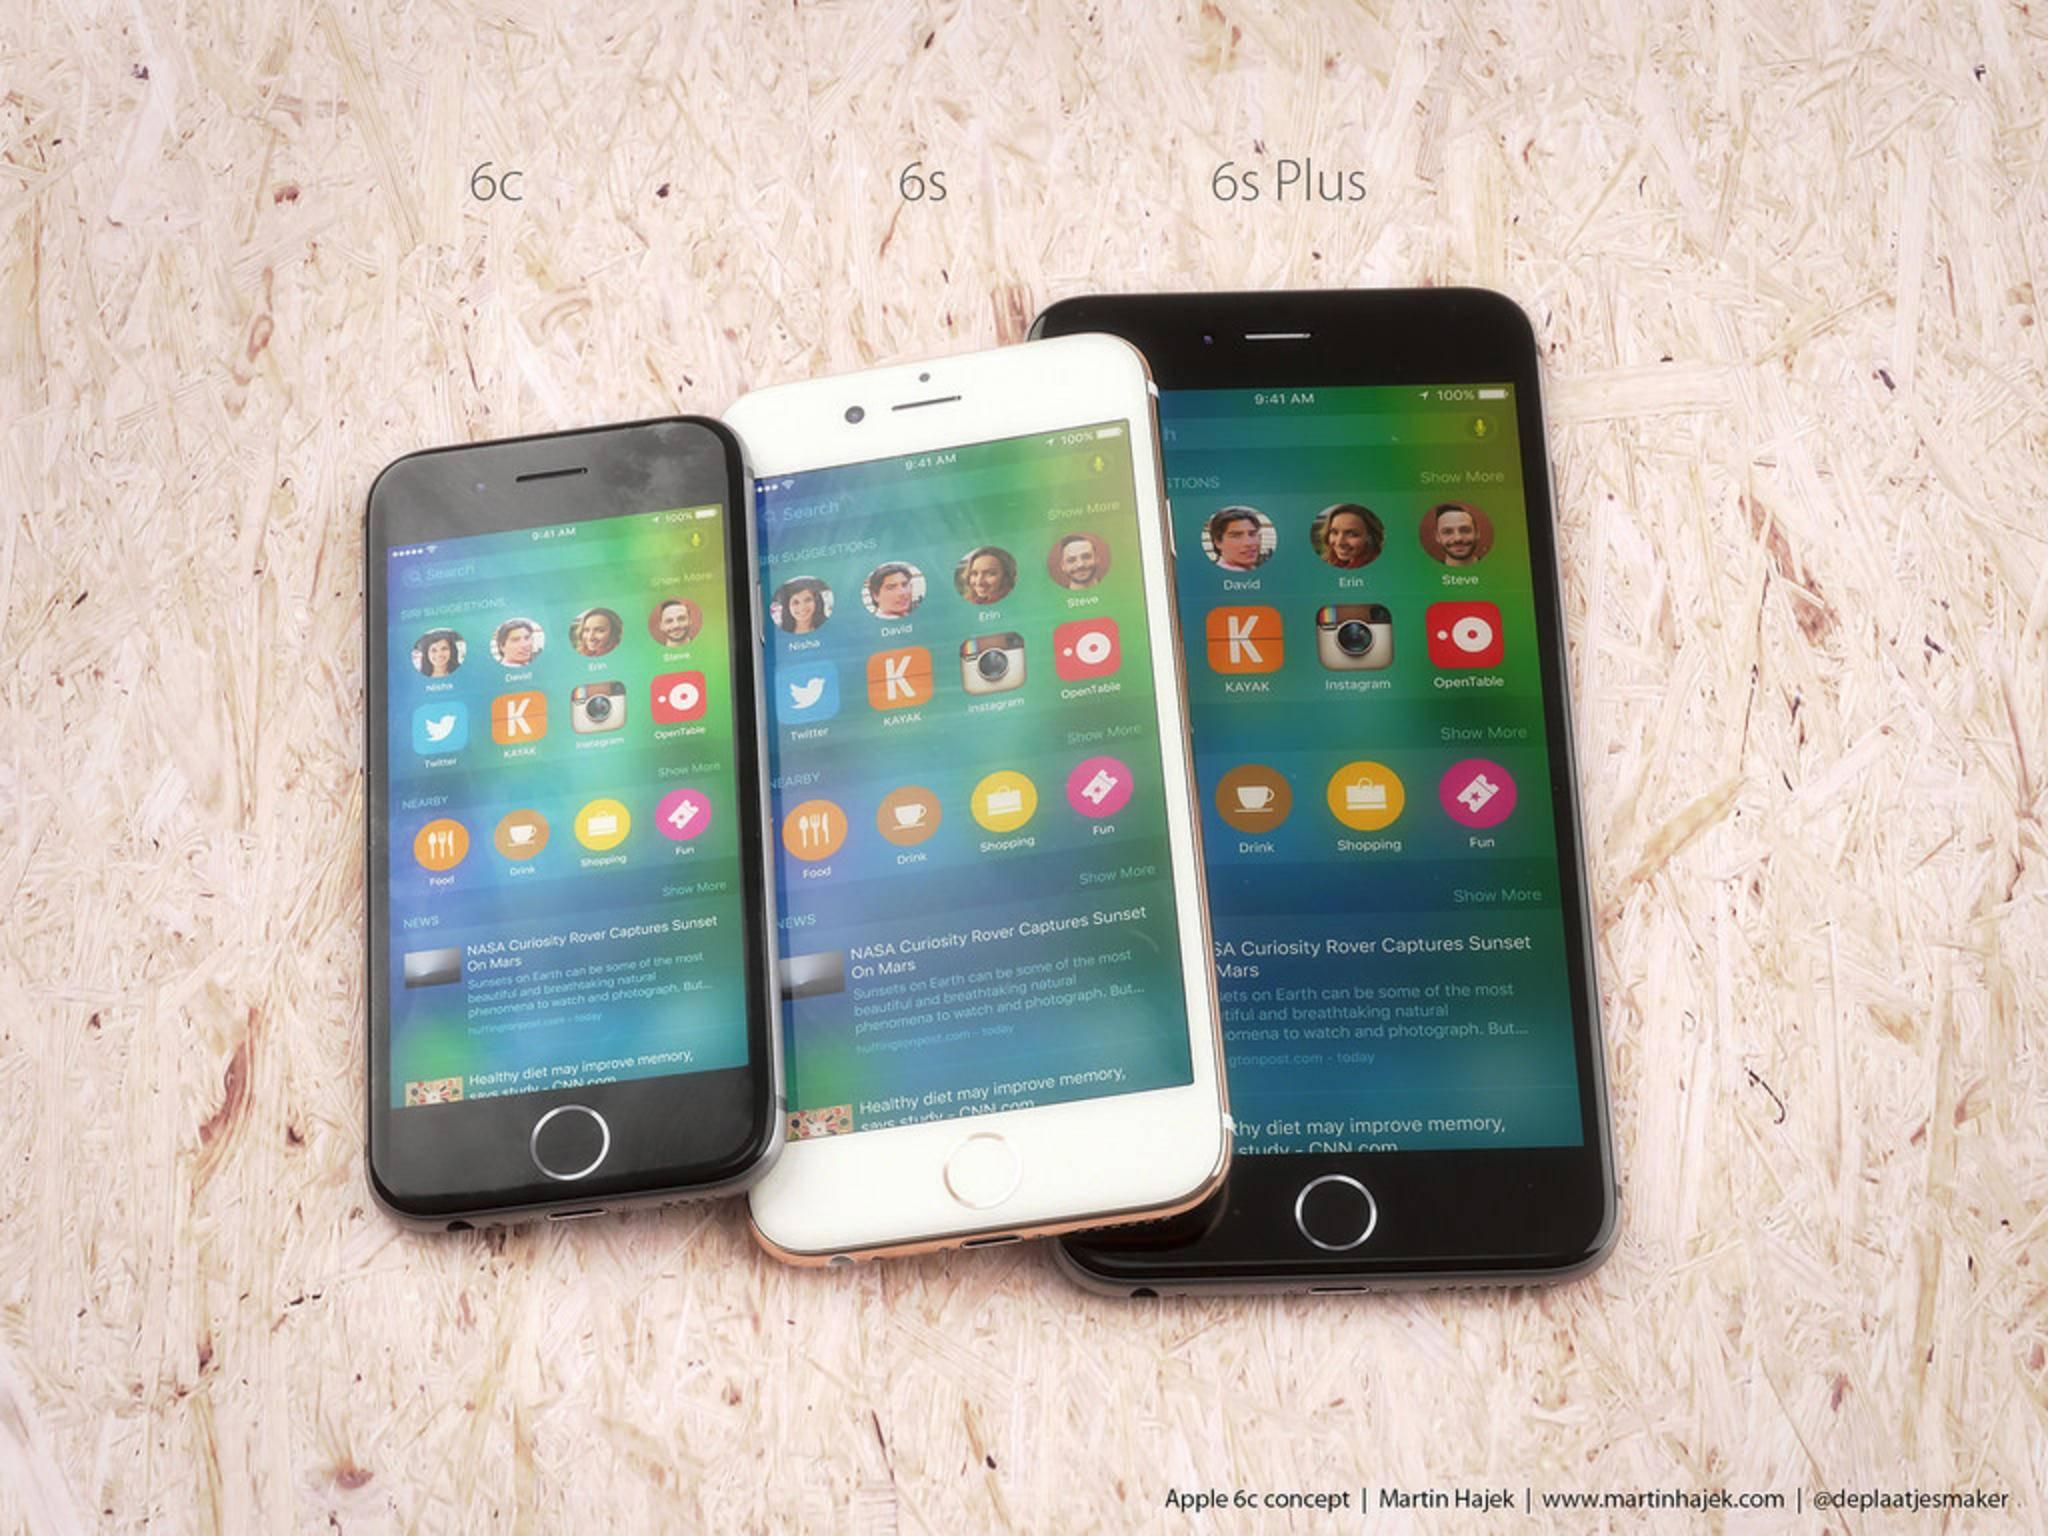 In einem Konzept zeigt sich das iPhone 6c mit 4 Zoll-Screen.